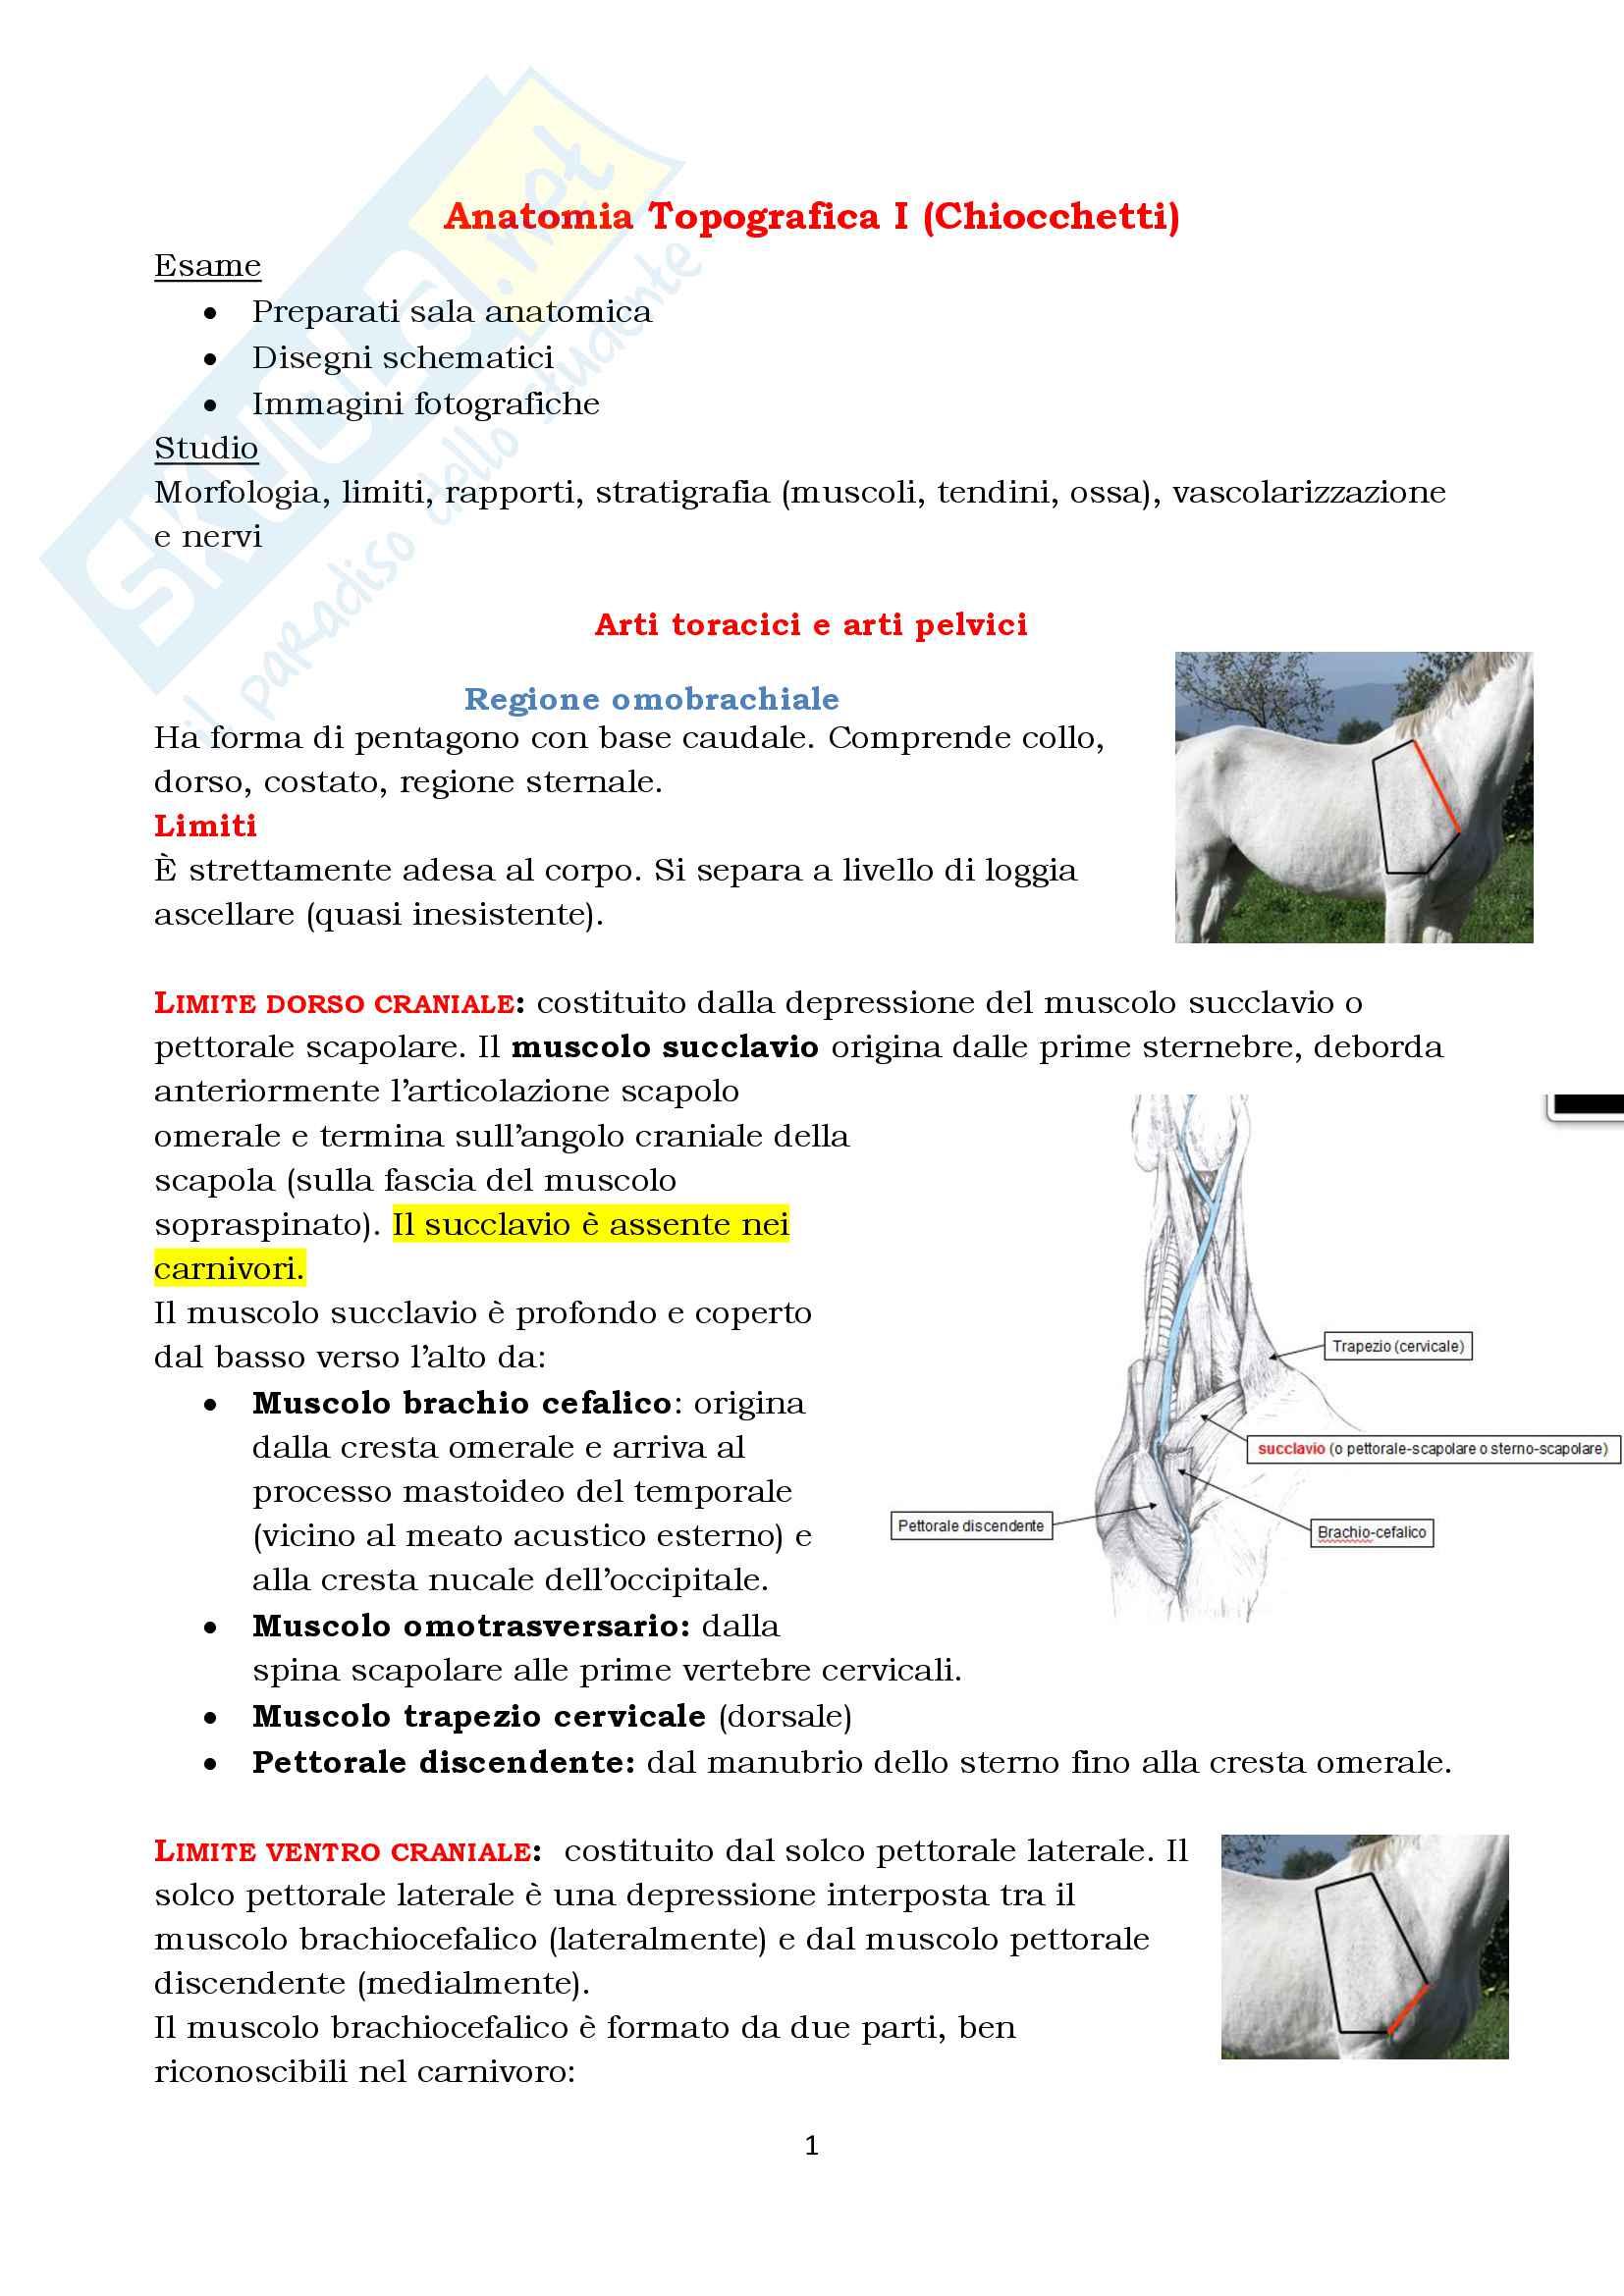 Anatomia Topografica Veterinaria - arto toracico e pelvico